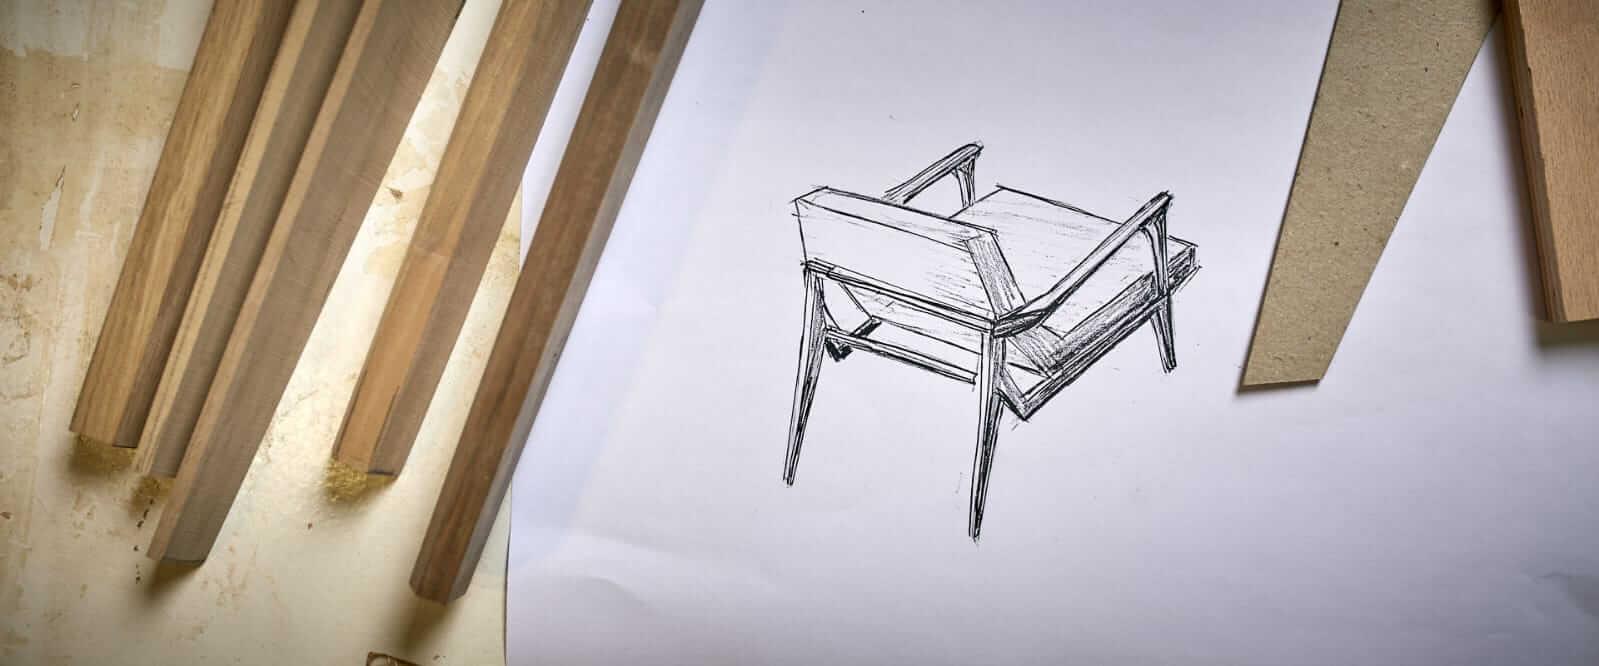 עיצוב של כסא אגוז